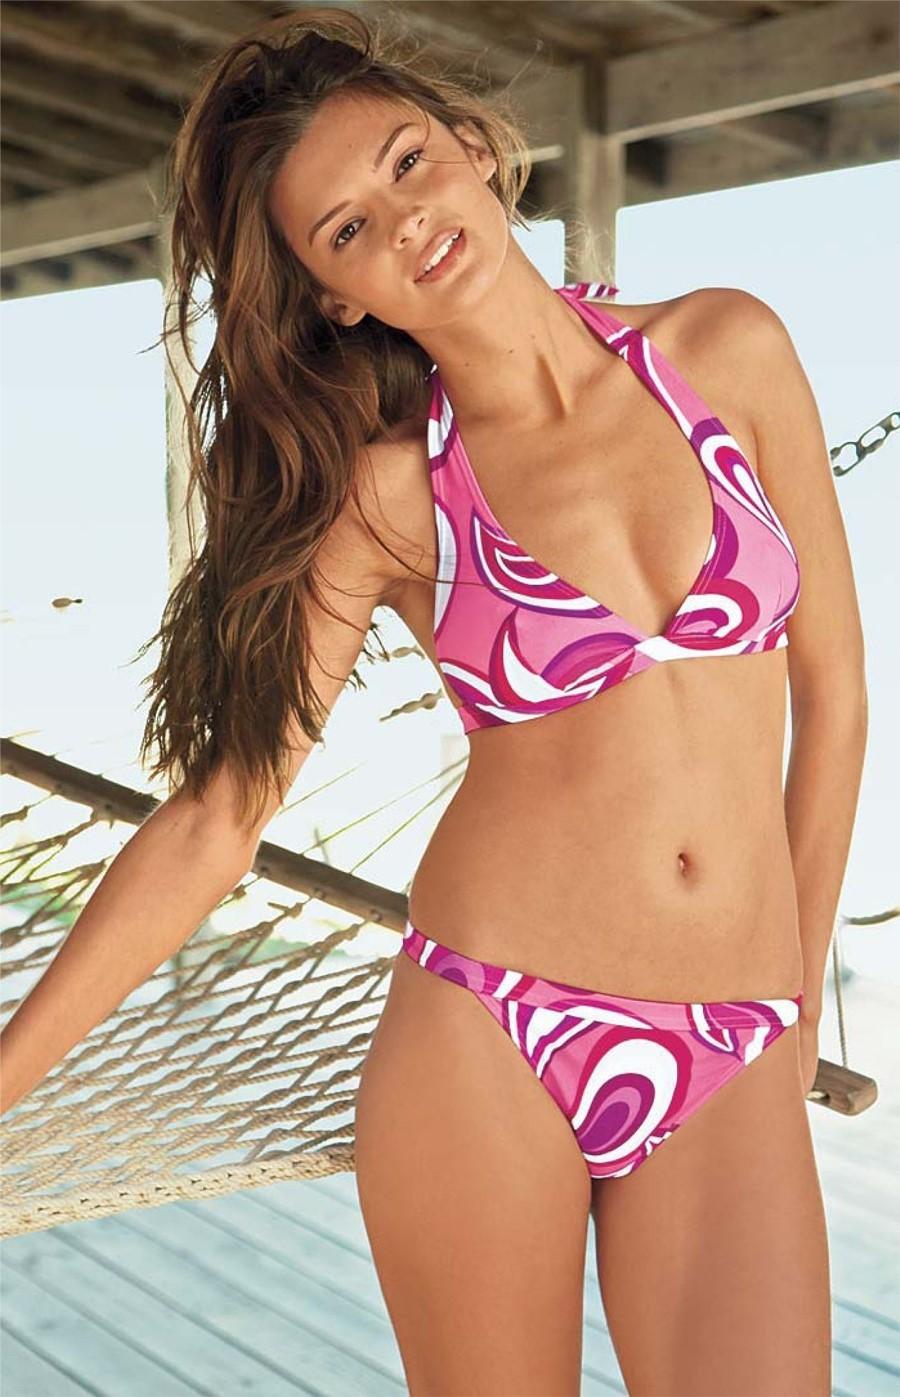 Jennifer Lamiraqui Sexy Swimwear Collection - Sexy Actress Pictures   Hot Actress Pictures - ActressSnaps.com